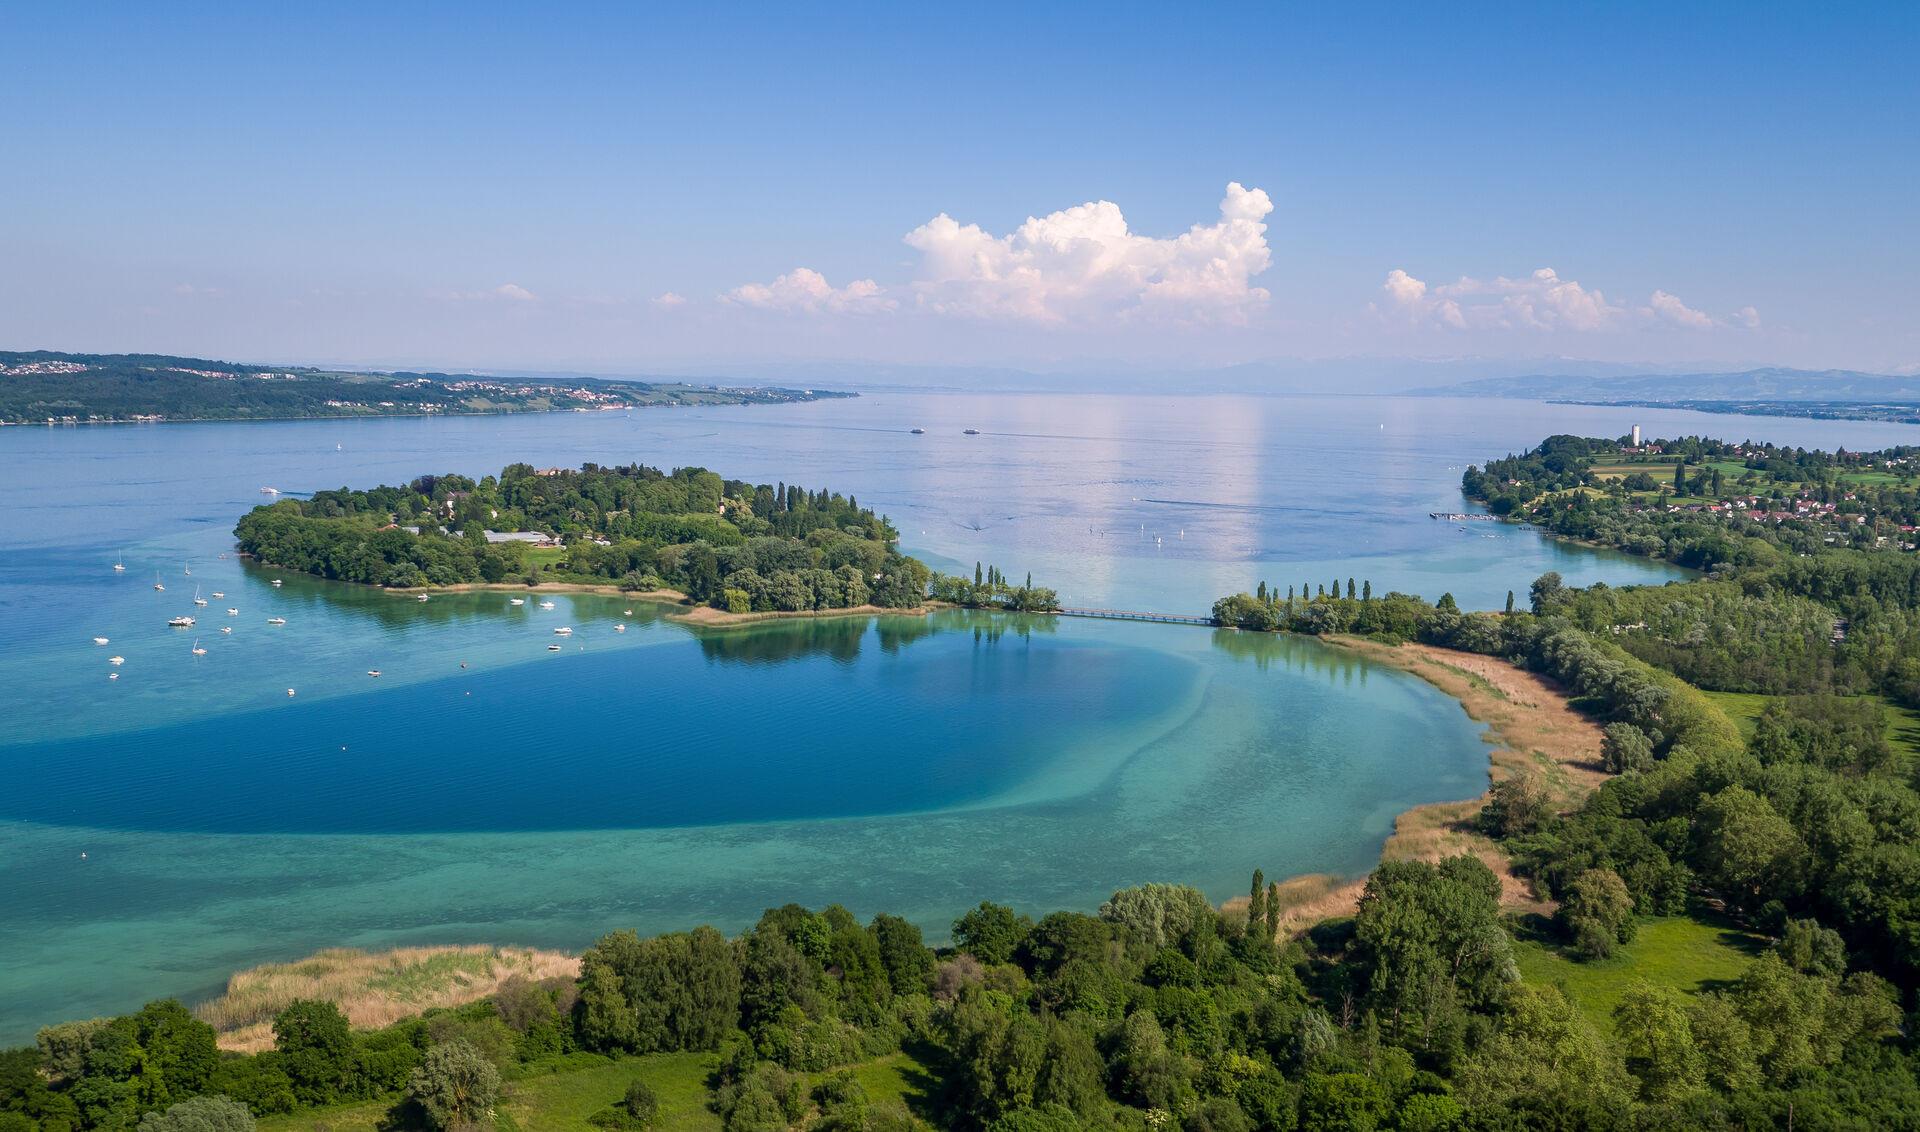 Konstanz-Bodensee-Insel-Mainau-Luftaufnahmen-02_Copyright_MTK-Deutschland-abgelichtet-Medienproduktion